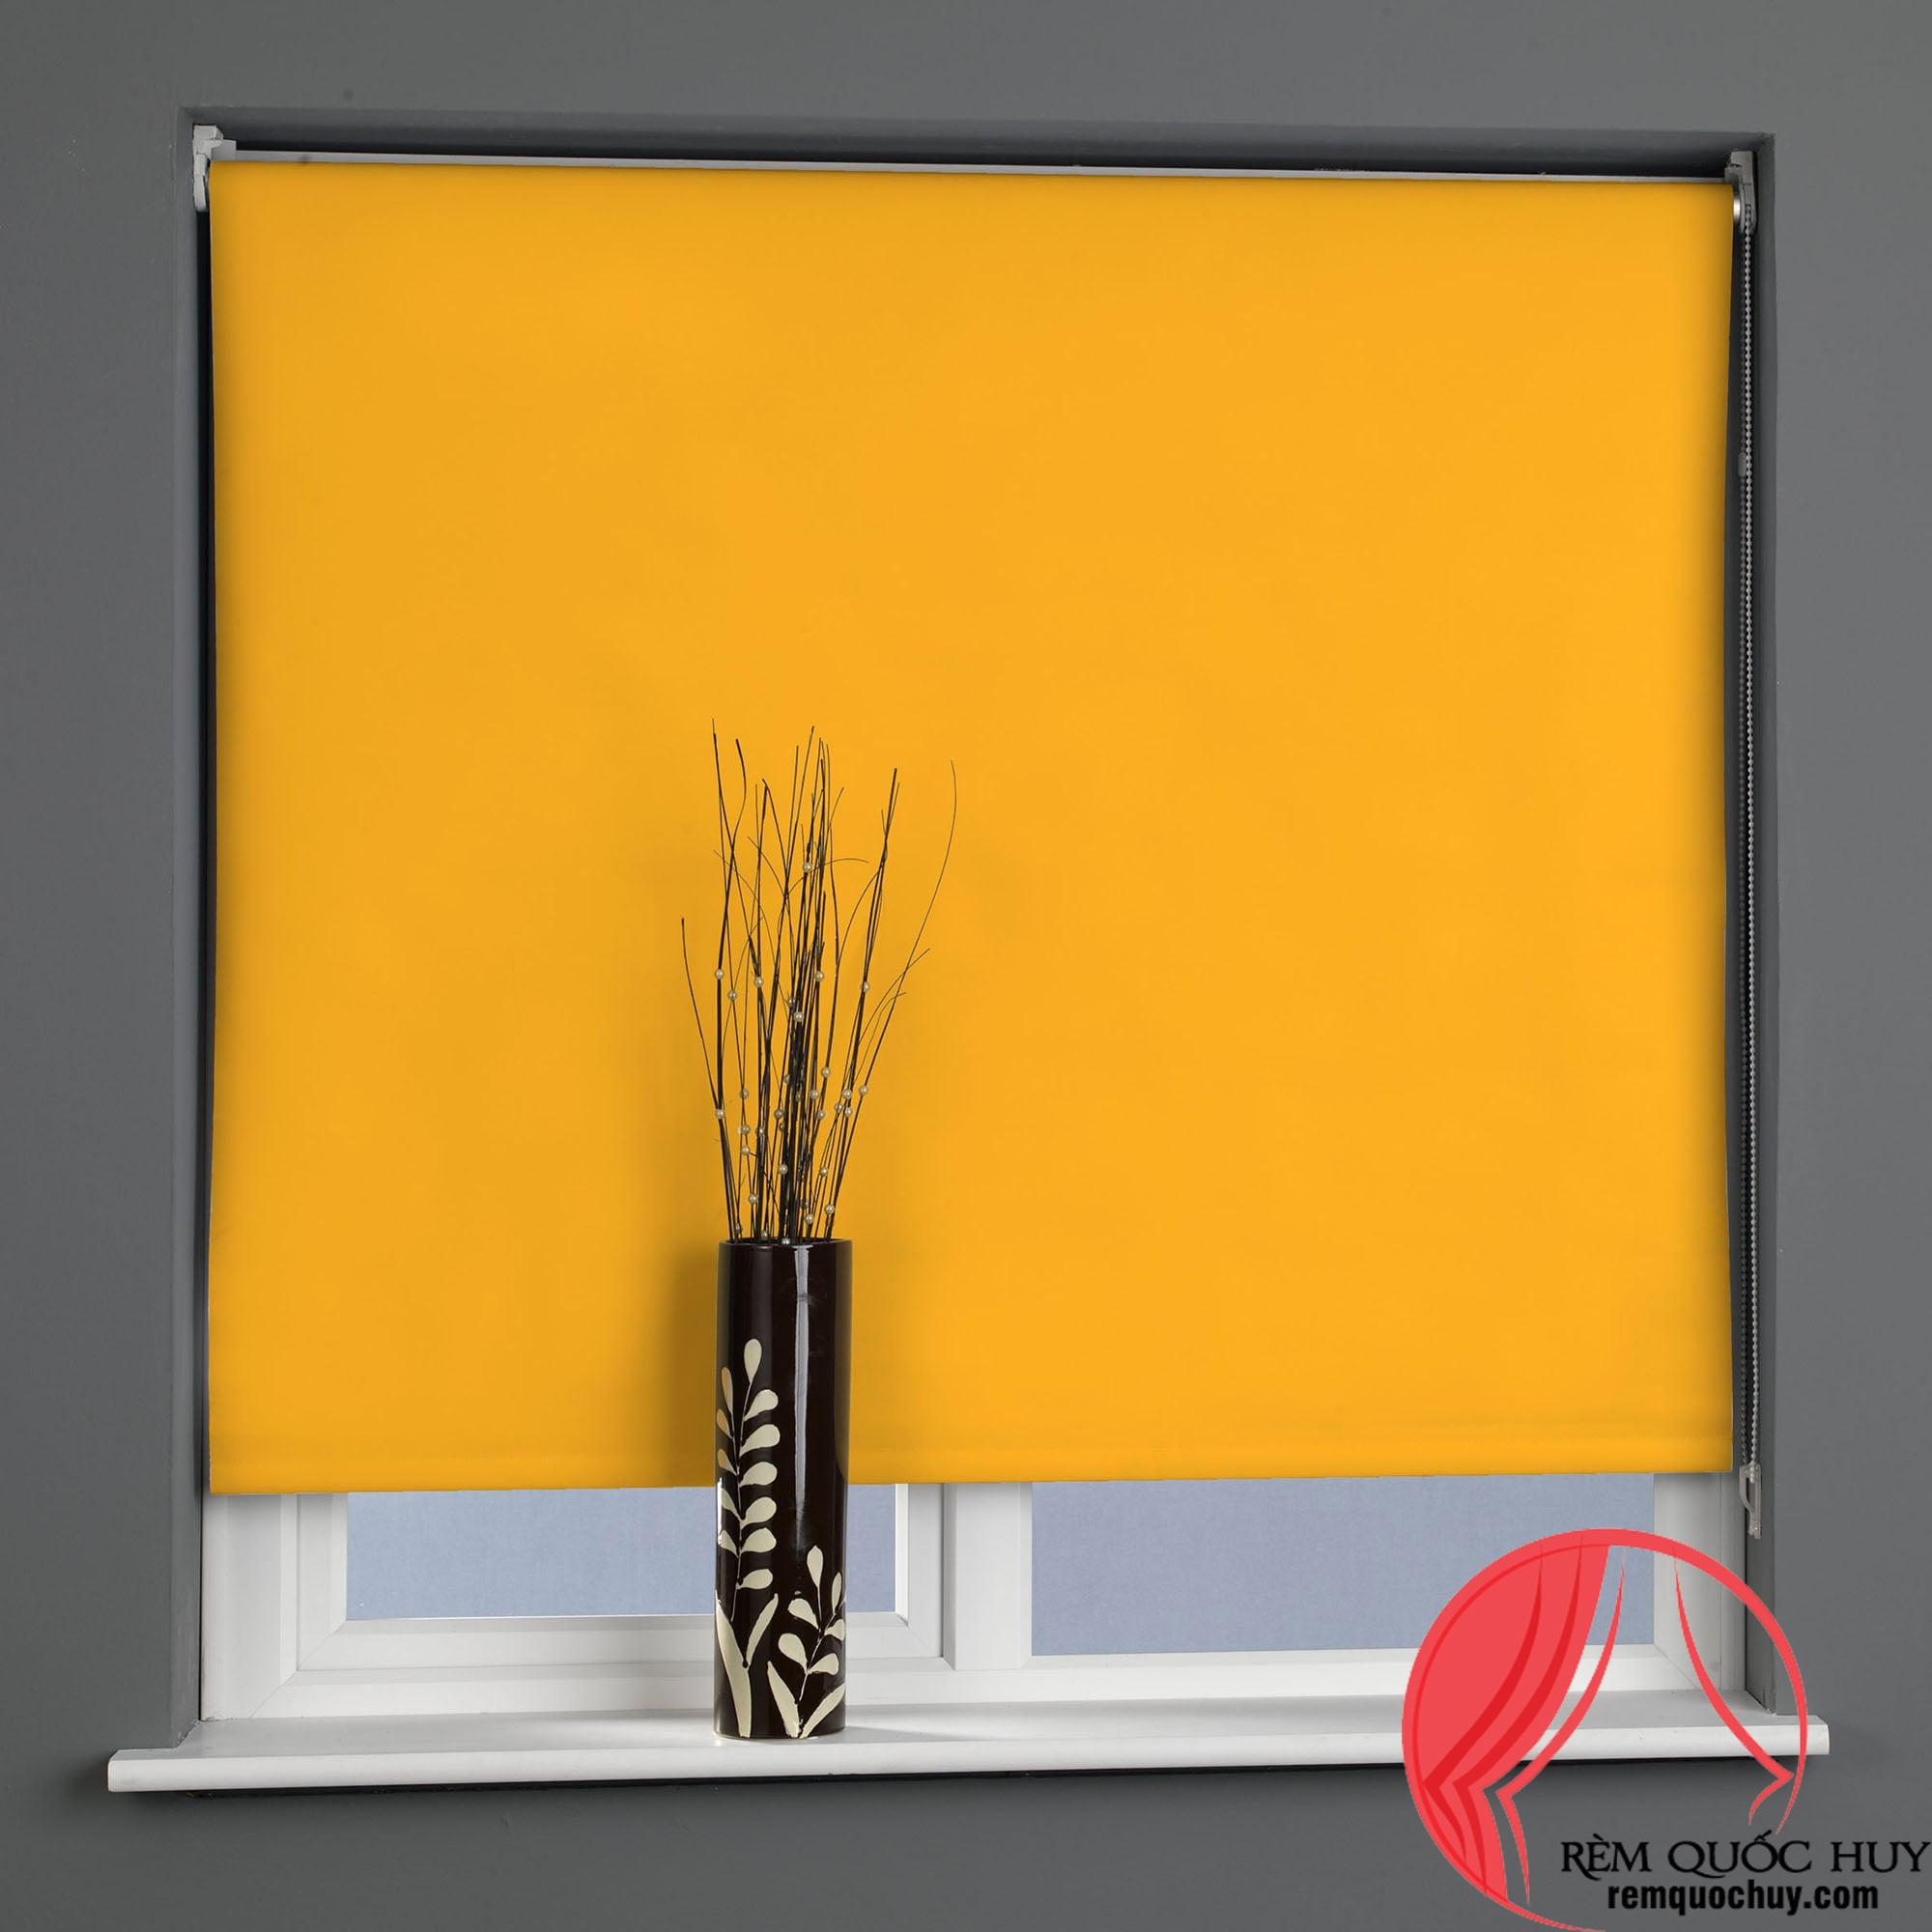 Rèm cuốn màu vàng